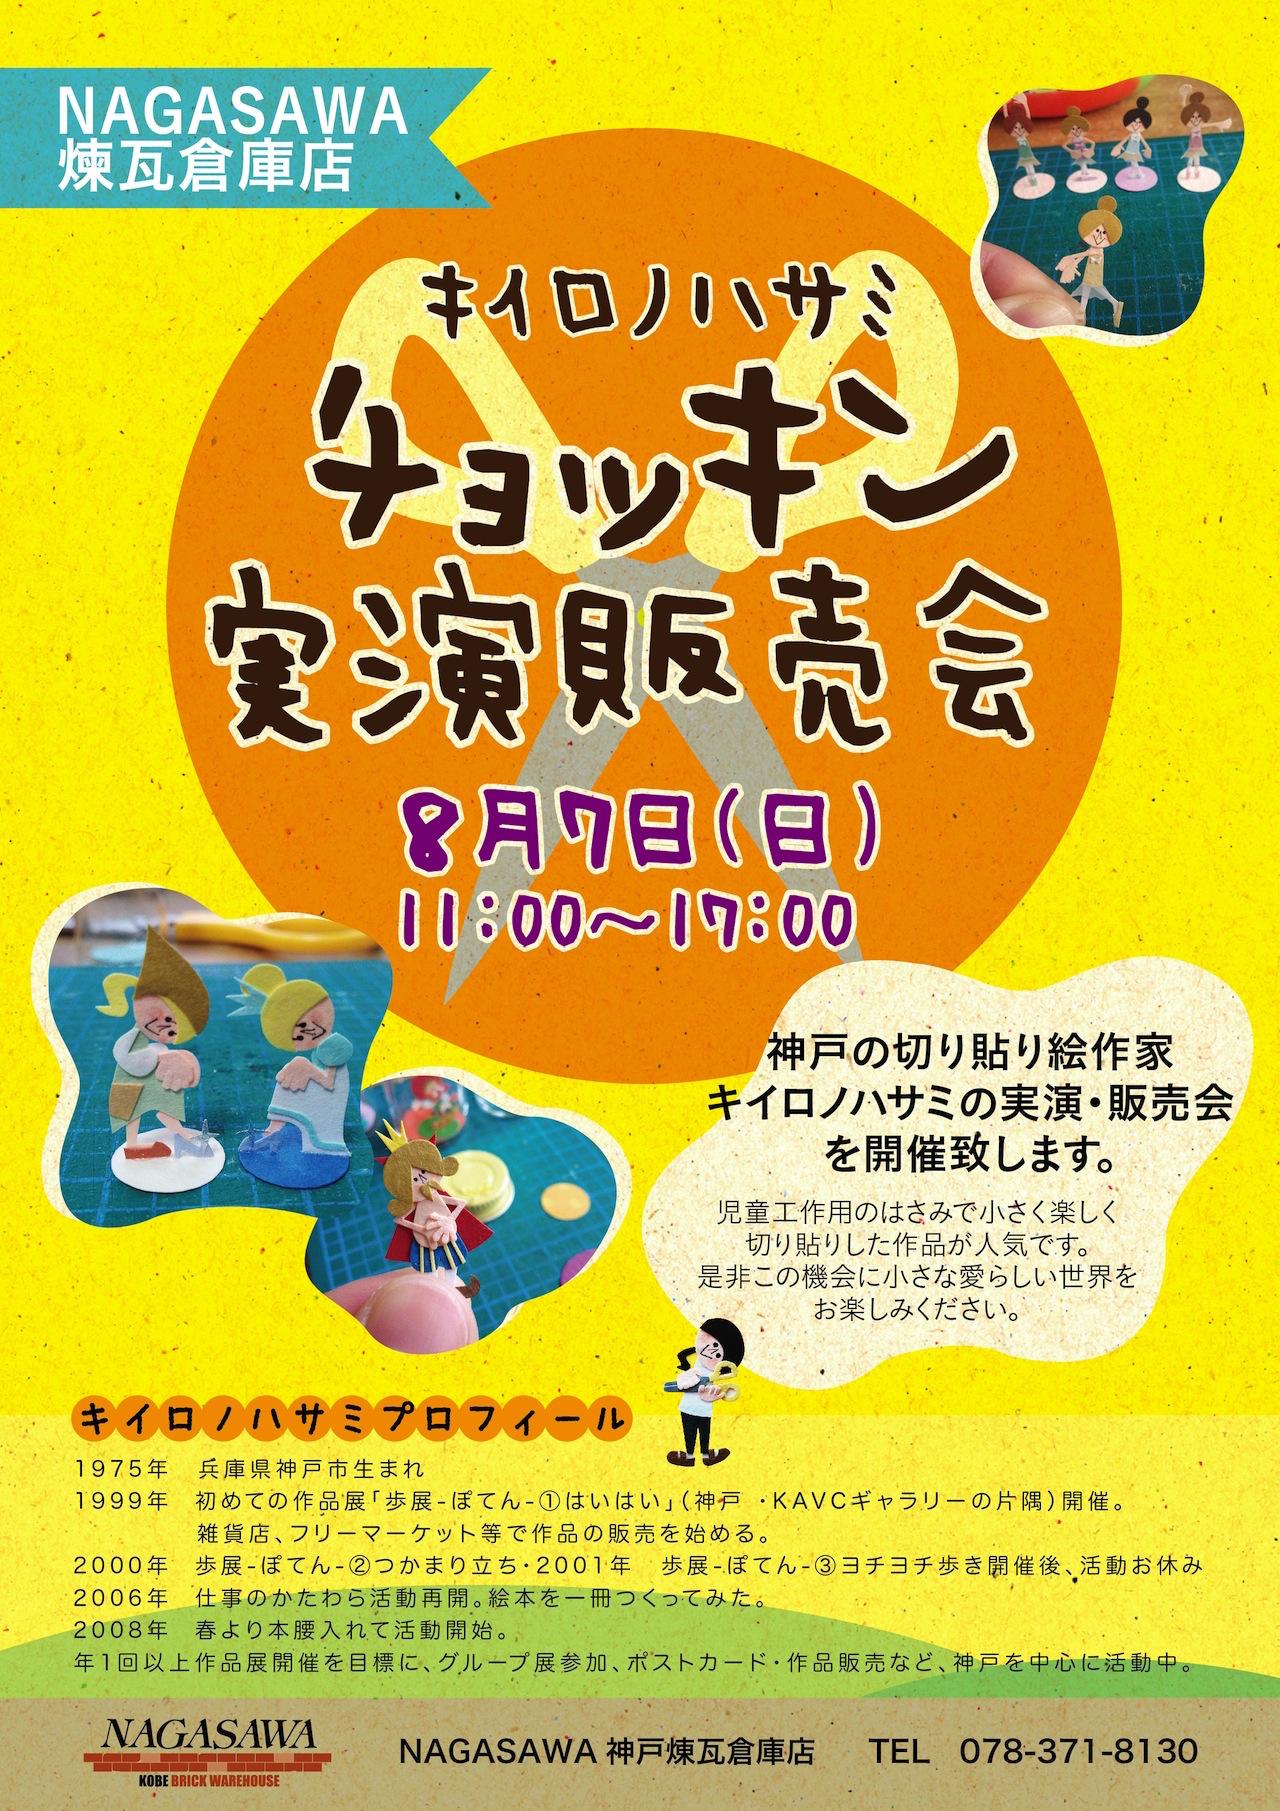 キイロノハサミ チョッキン実演販売会 @NAGASAWA神戸煉瓦倉庫店